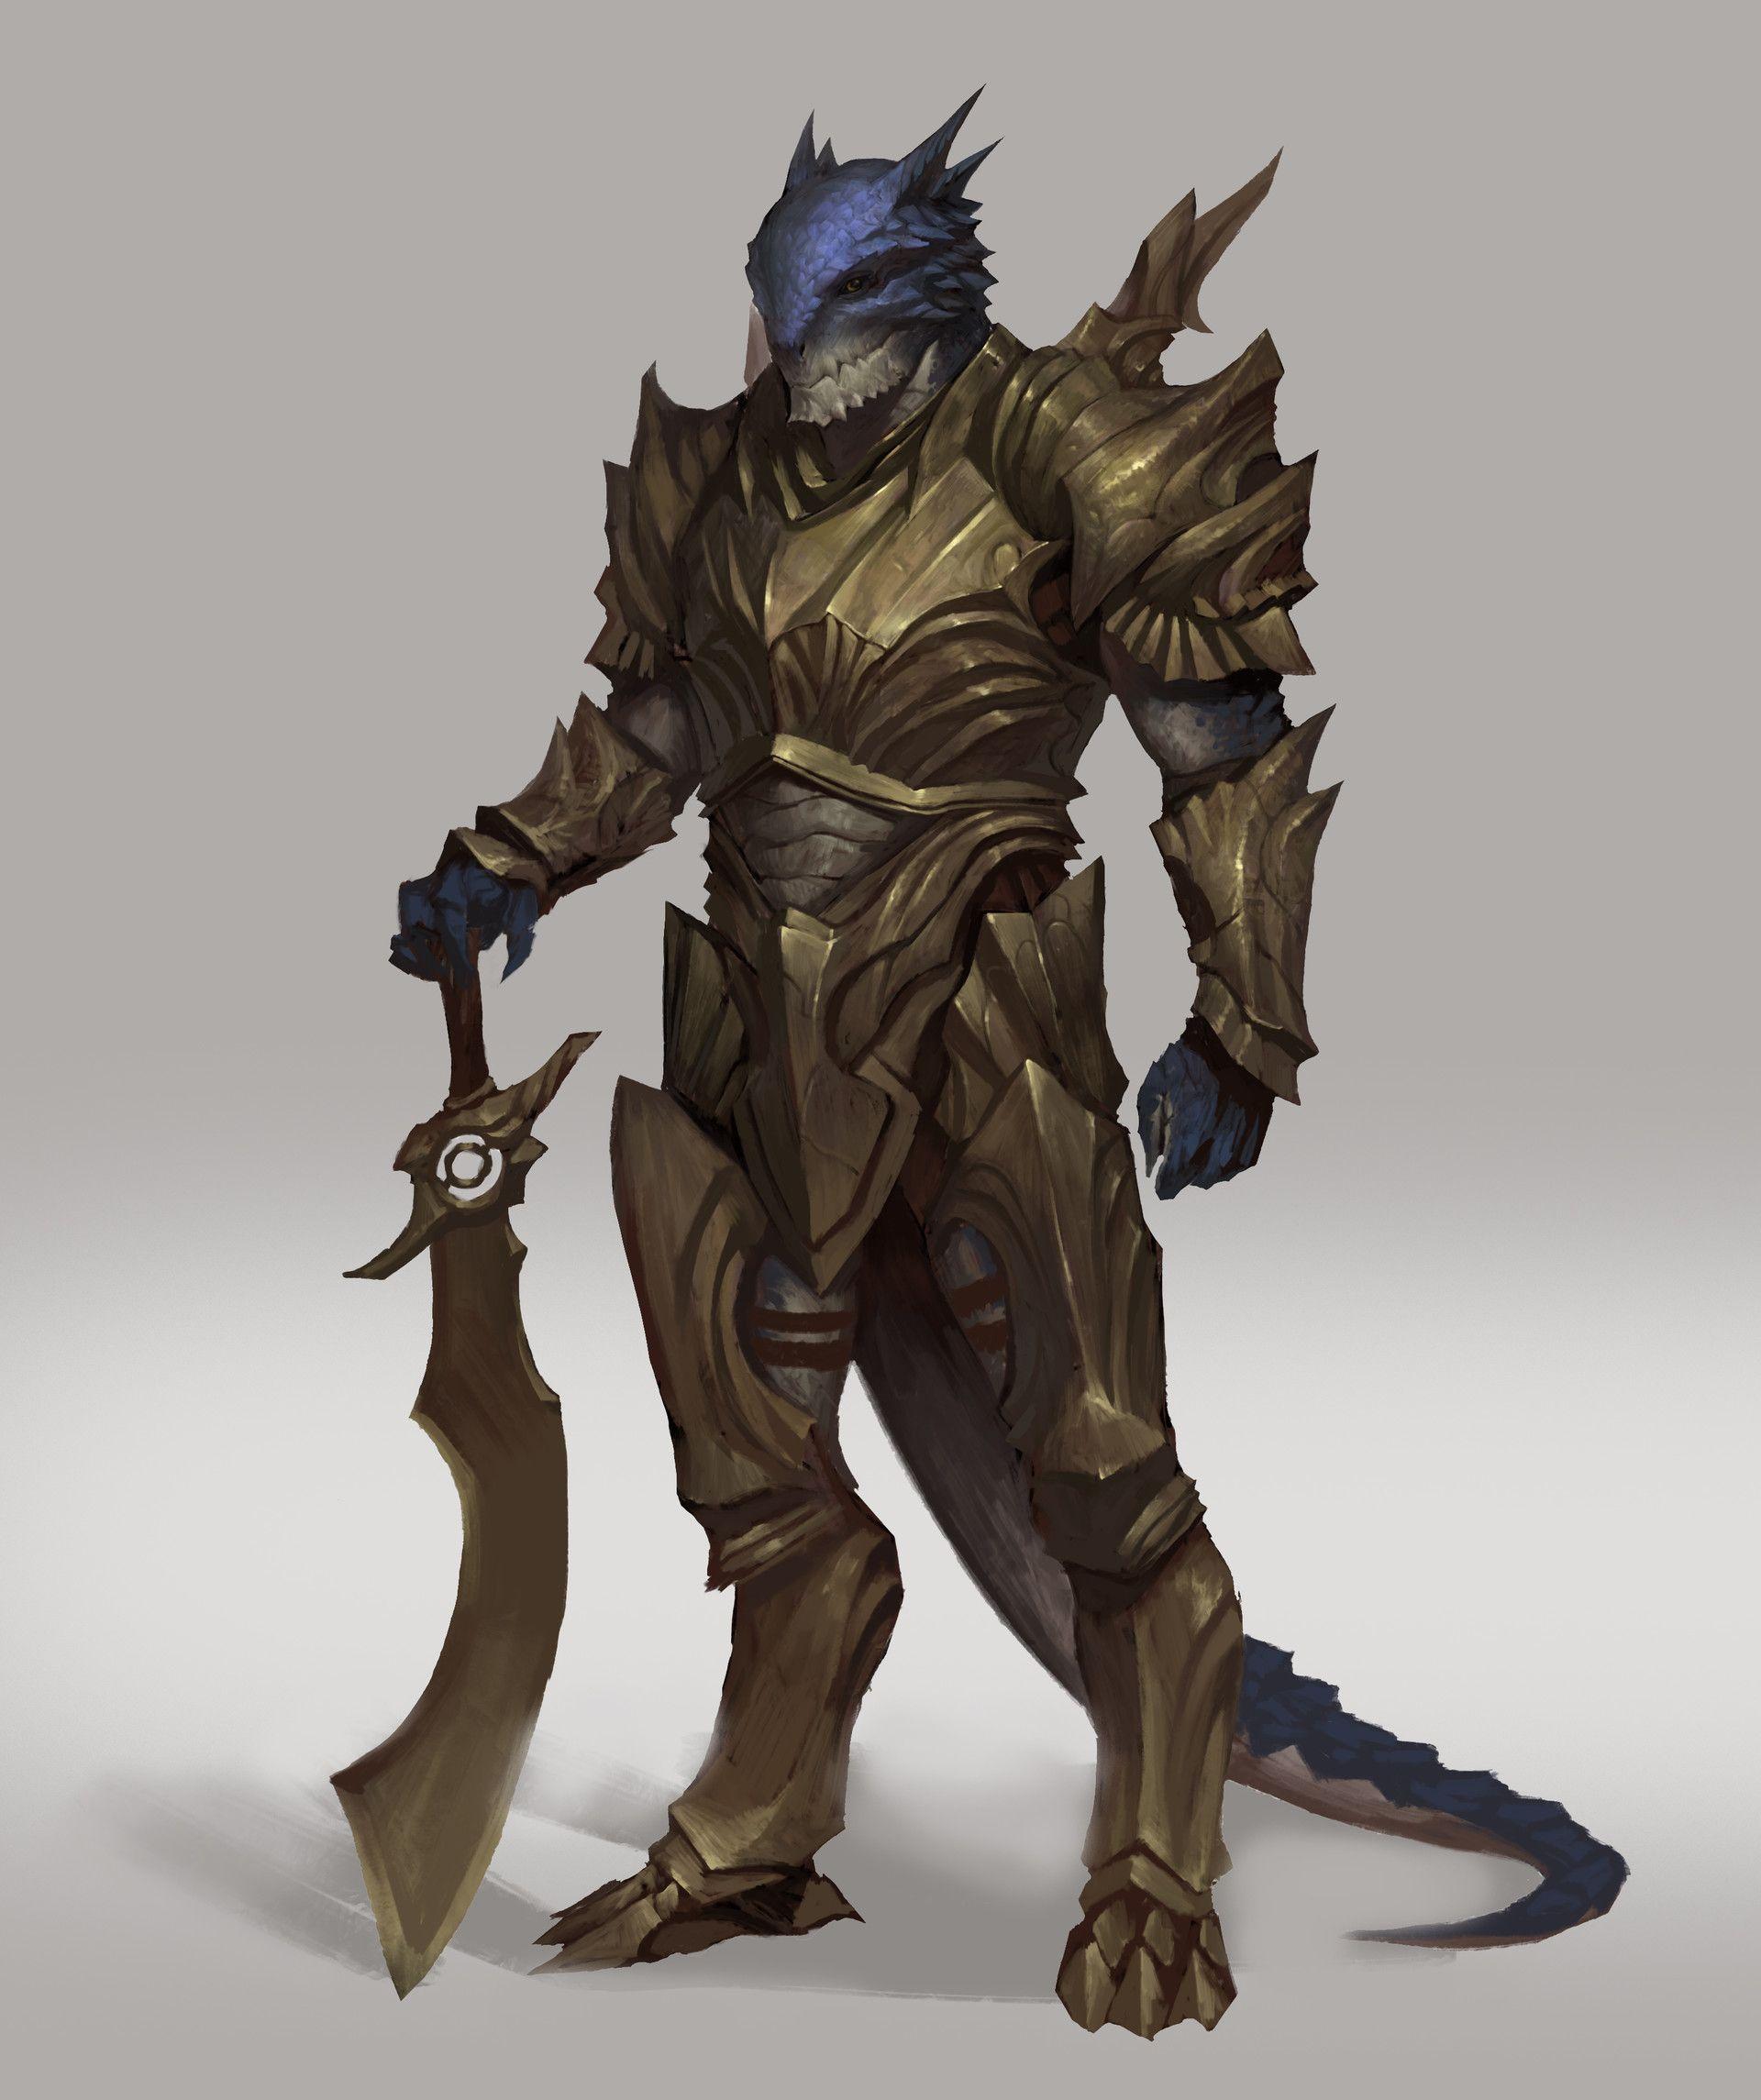 ArtStation - Argonian warrior haha, Jiamin Lin in 2020 | Dragon fighter, Character art, Fantasy ...